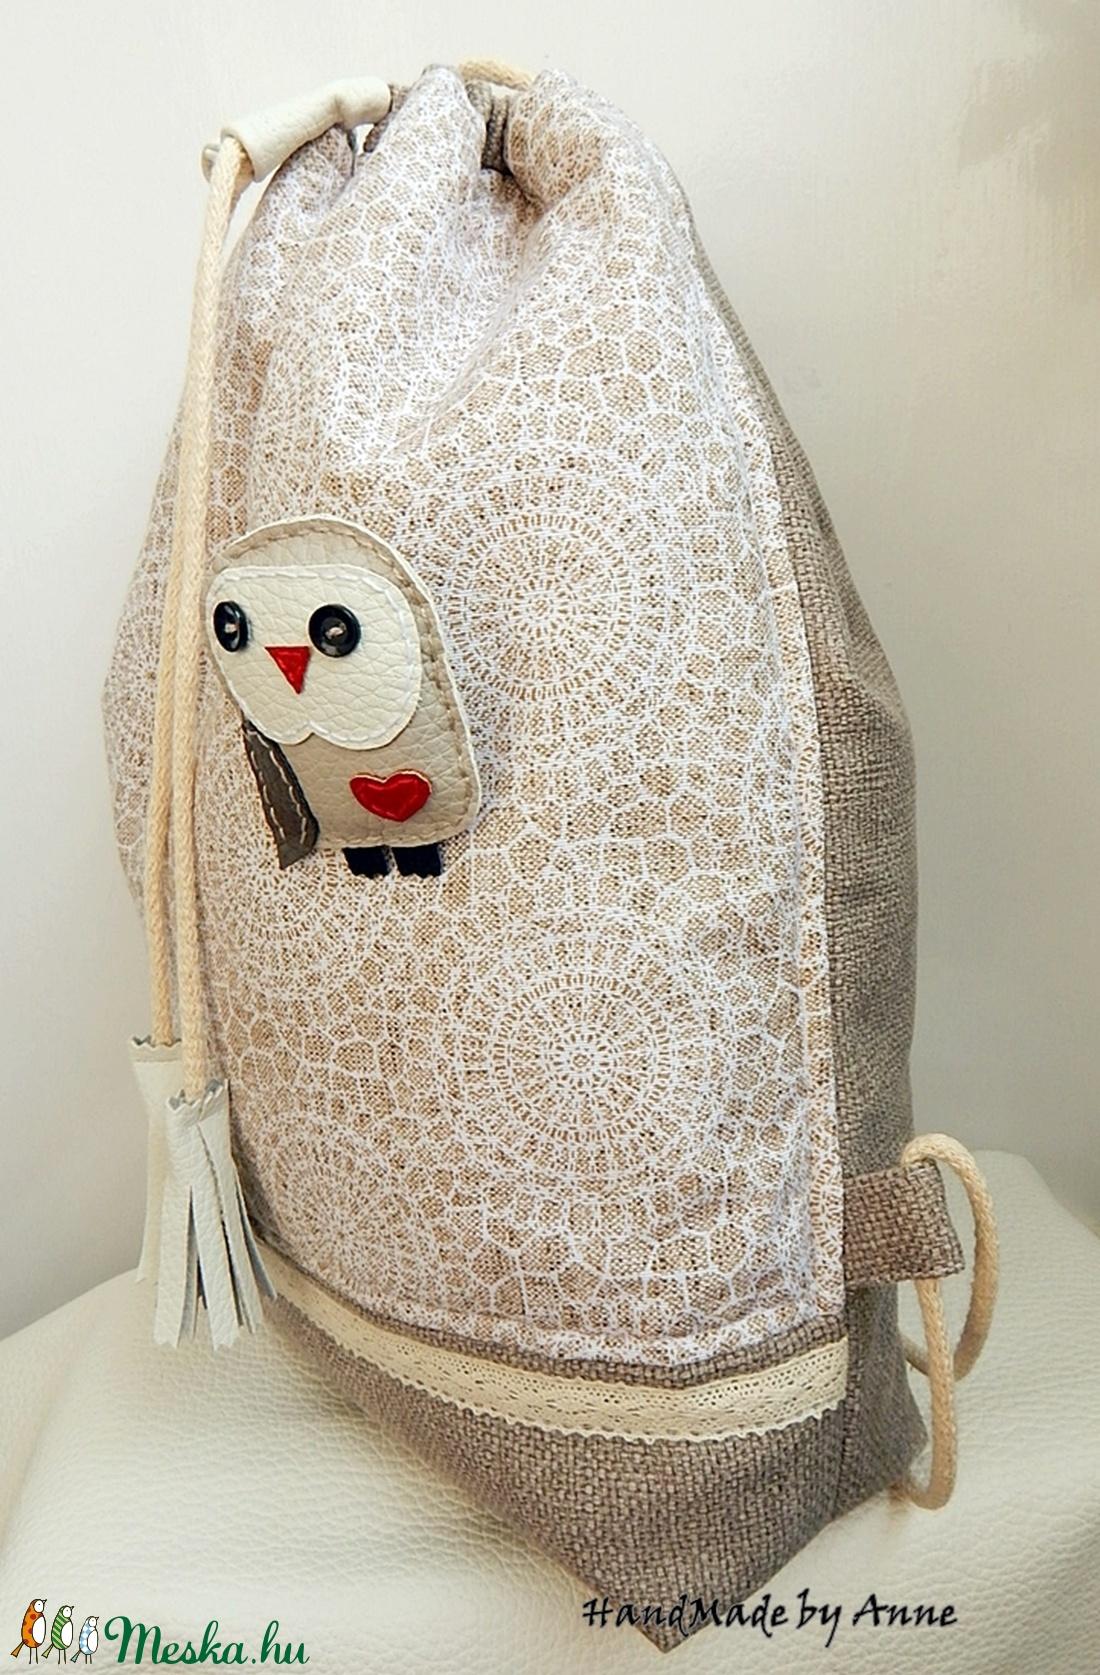 ... Csipkemintás kényelmes - tornazsák hátizsák bagoly kitűzővel  (annetextil) - Meska.hu 25db53d008